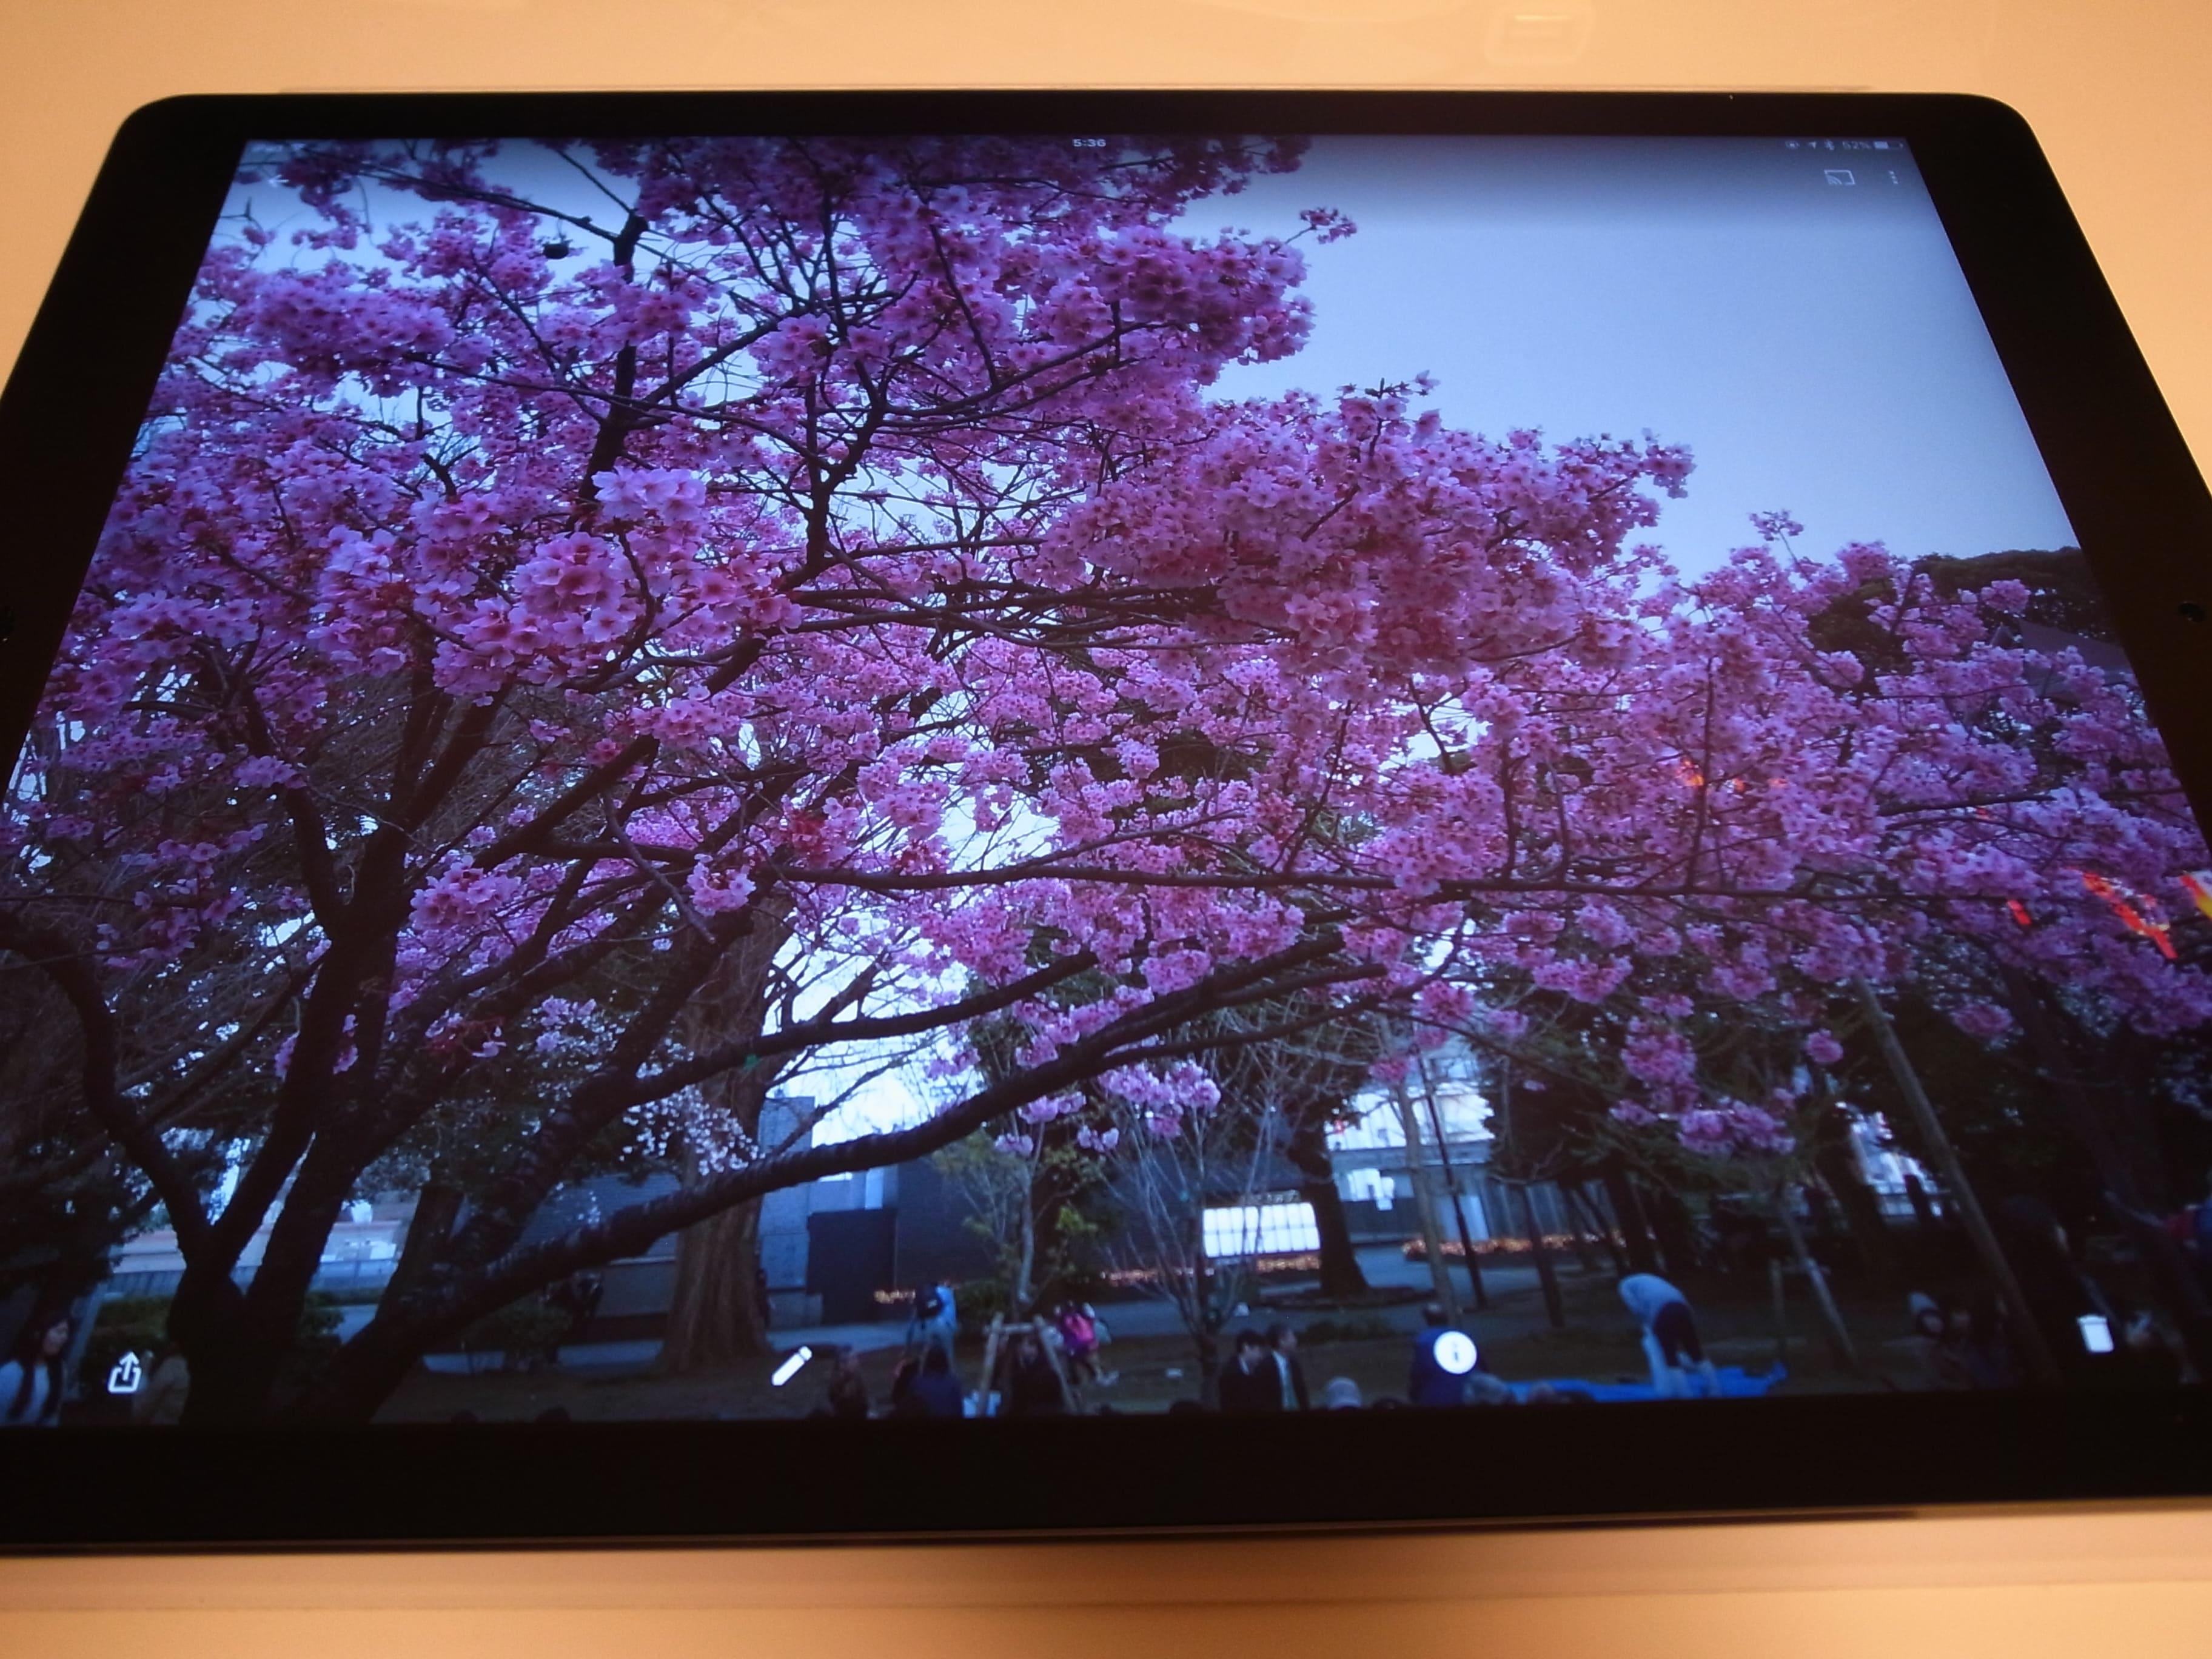 メインのタブレットをNexus9からiPad Pro 12.9に替えました